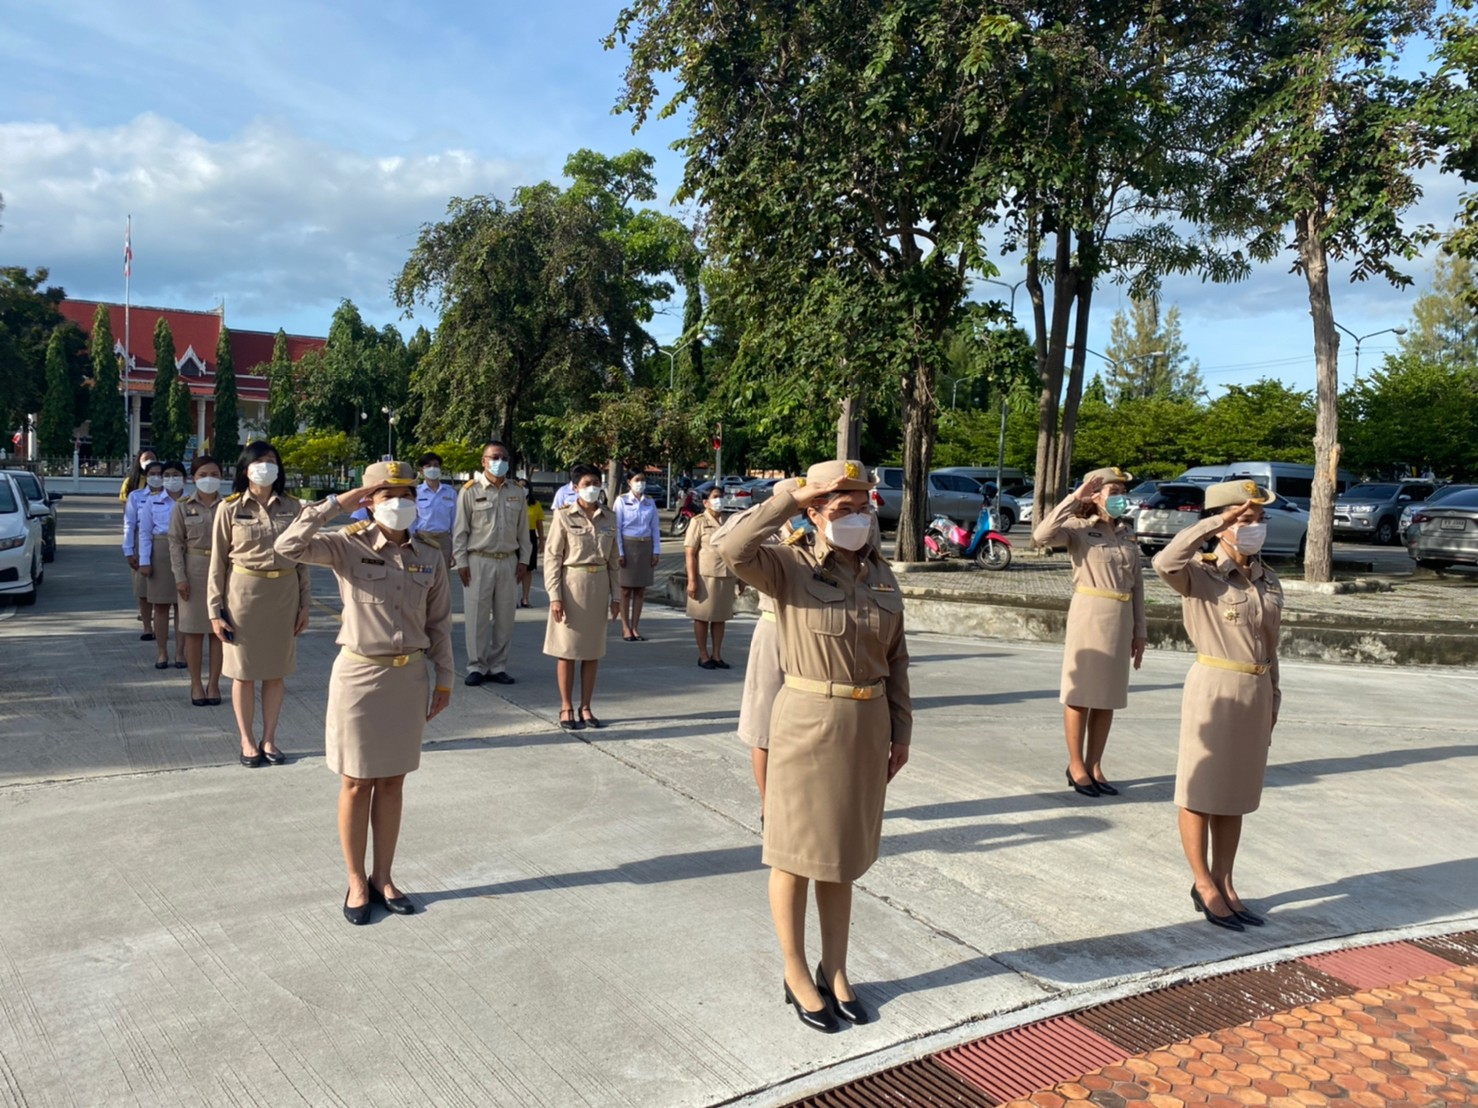 แรงงาานจังหวัดประจวบคีรีขันธ์ ร่วมกิจกรรมเนื่องในวันพระราชทานธงชาติไทย 28 กันยายน (Thai National Flag Day) ประจำปี 2564